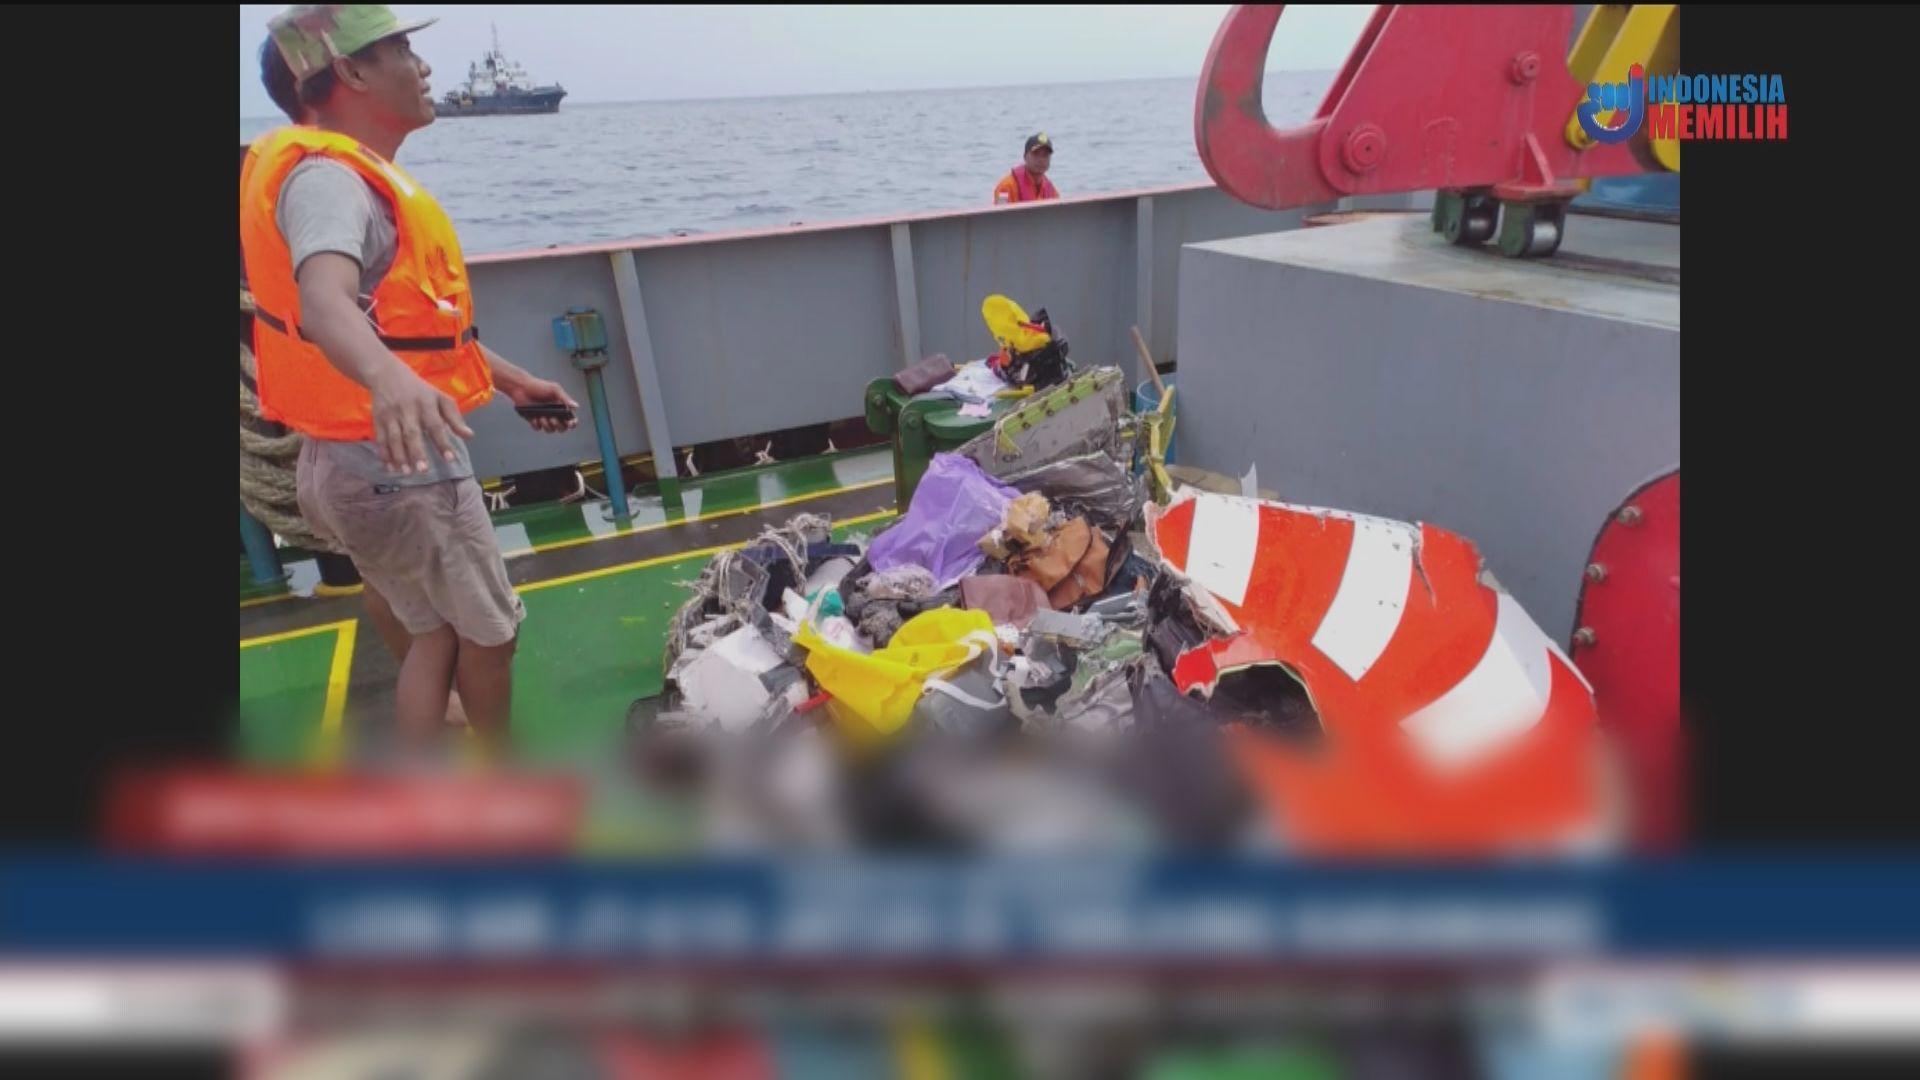 印尼獅航客機墜毀 發現部分遺骸及物品